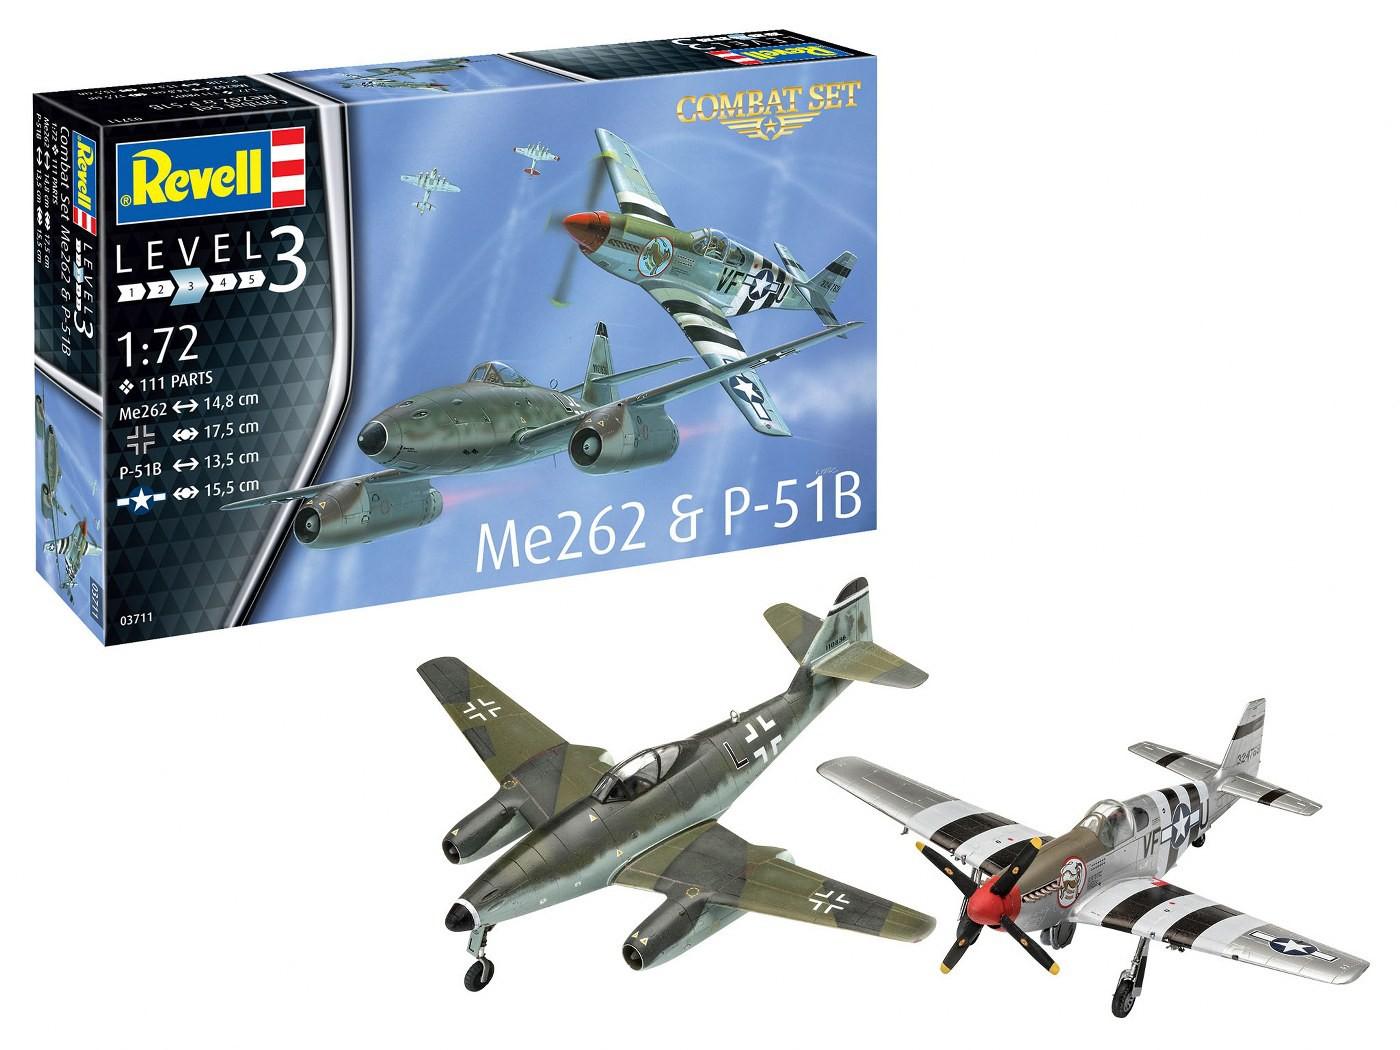 Messerschmitt Me262 + P-51B Mustang - Combat Set